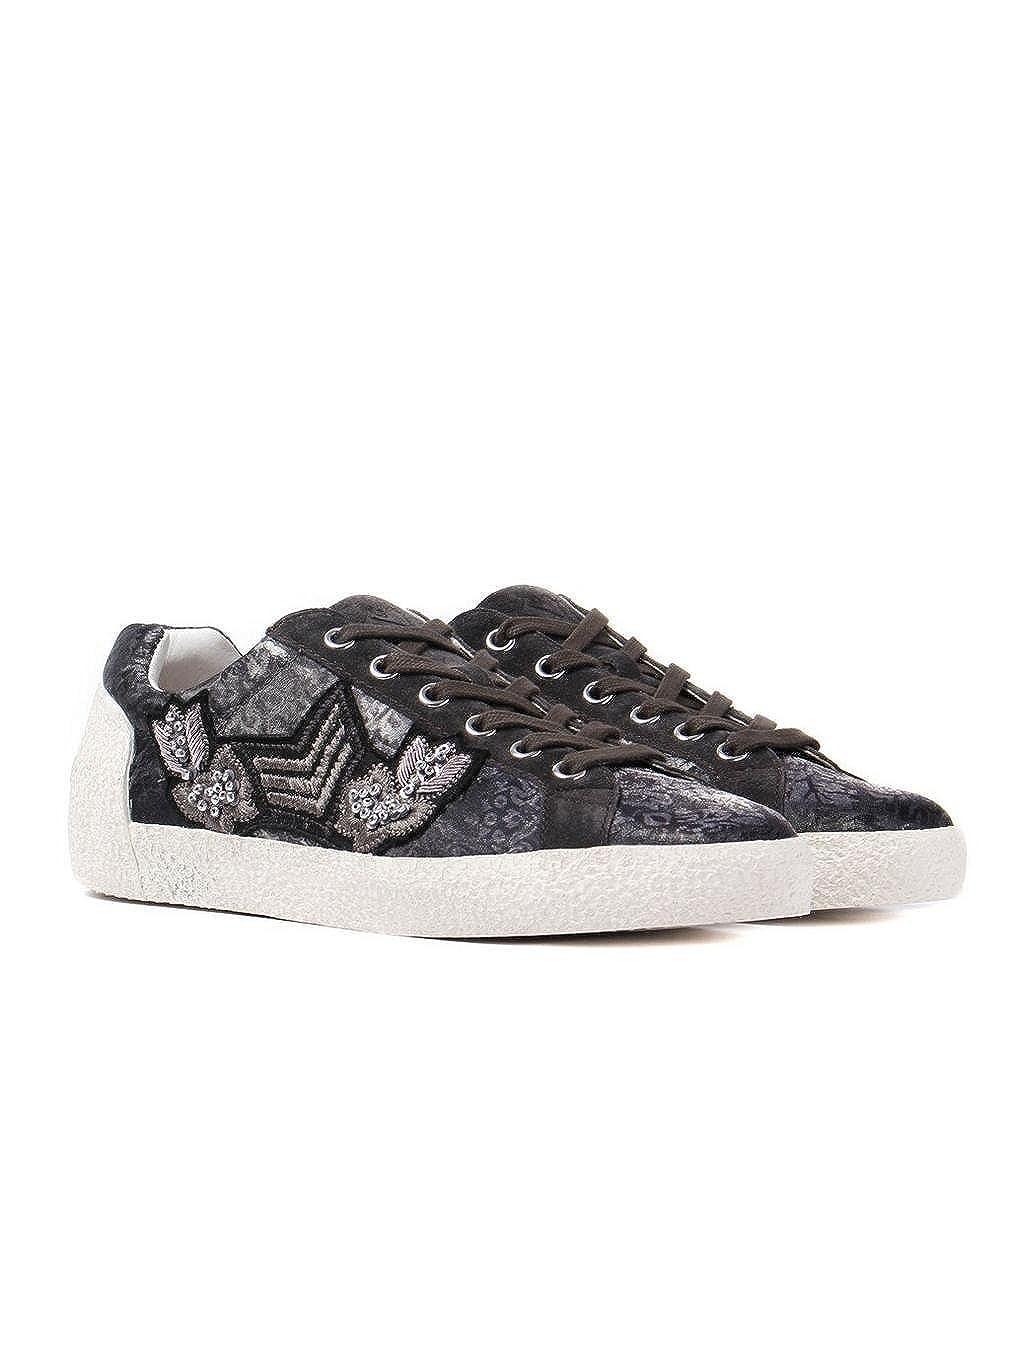 ASH Nakarms Damen Damen Nakarms Sneaker Grau Grau 6cf858